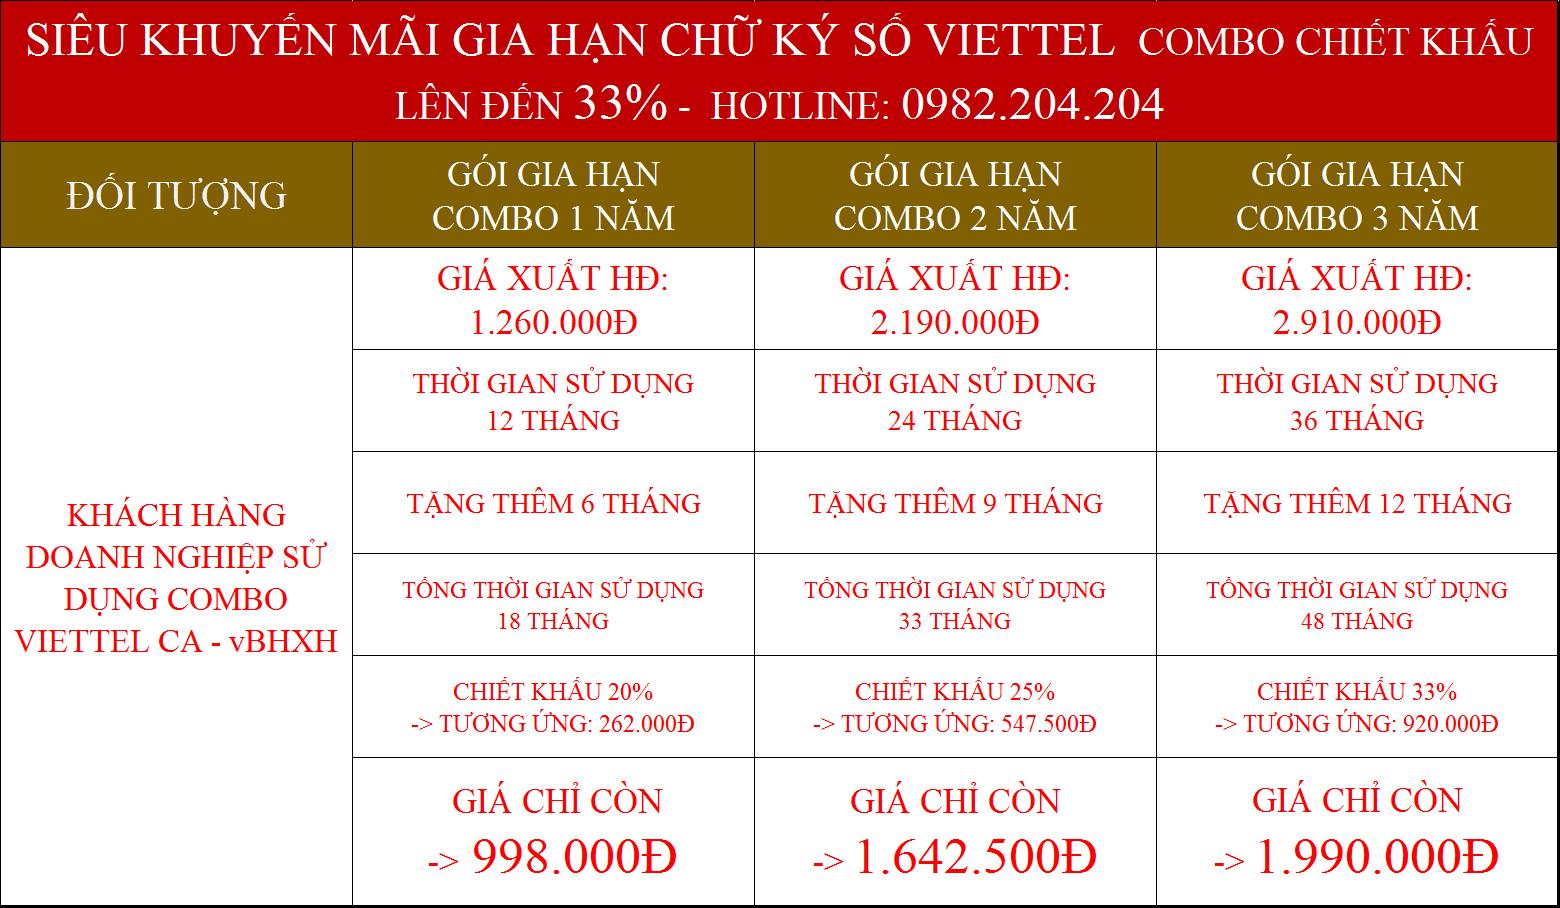 Khuyến mãi combo gia hạn chữ ký số viettel và vBHXH giá rẻ chính hãng